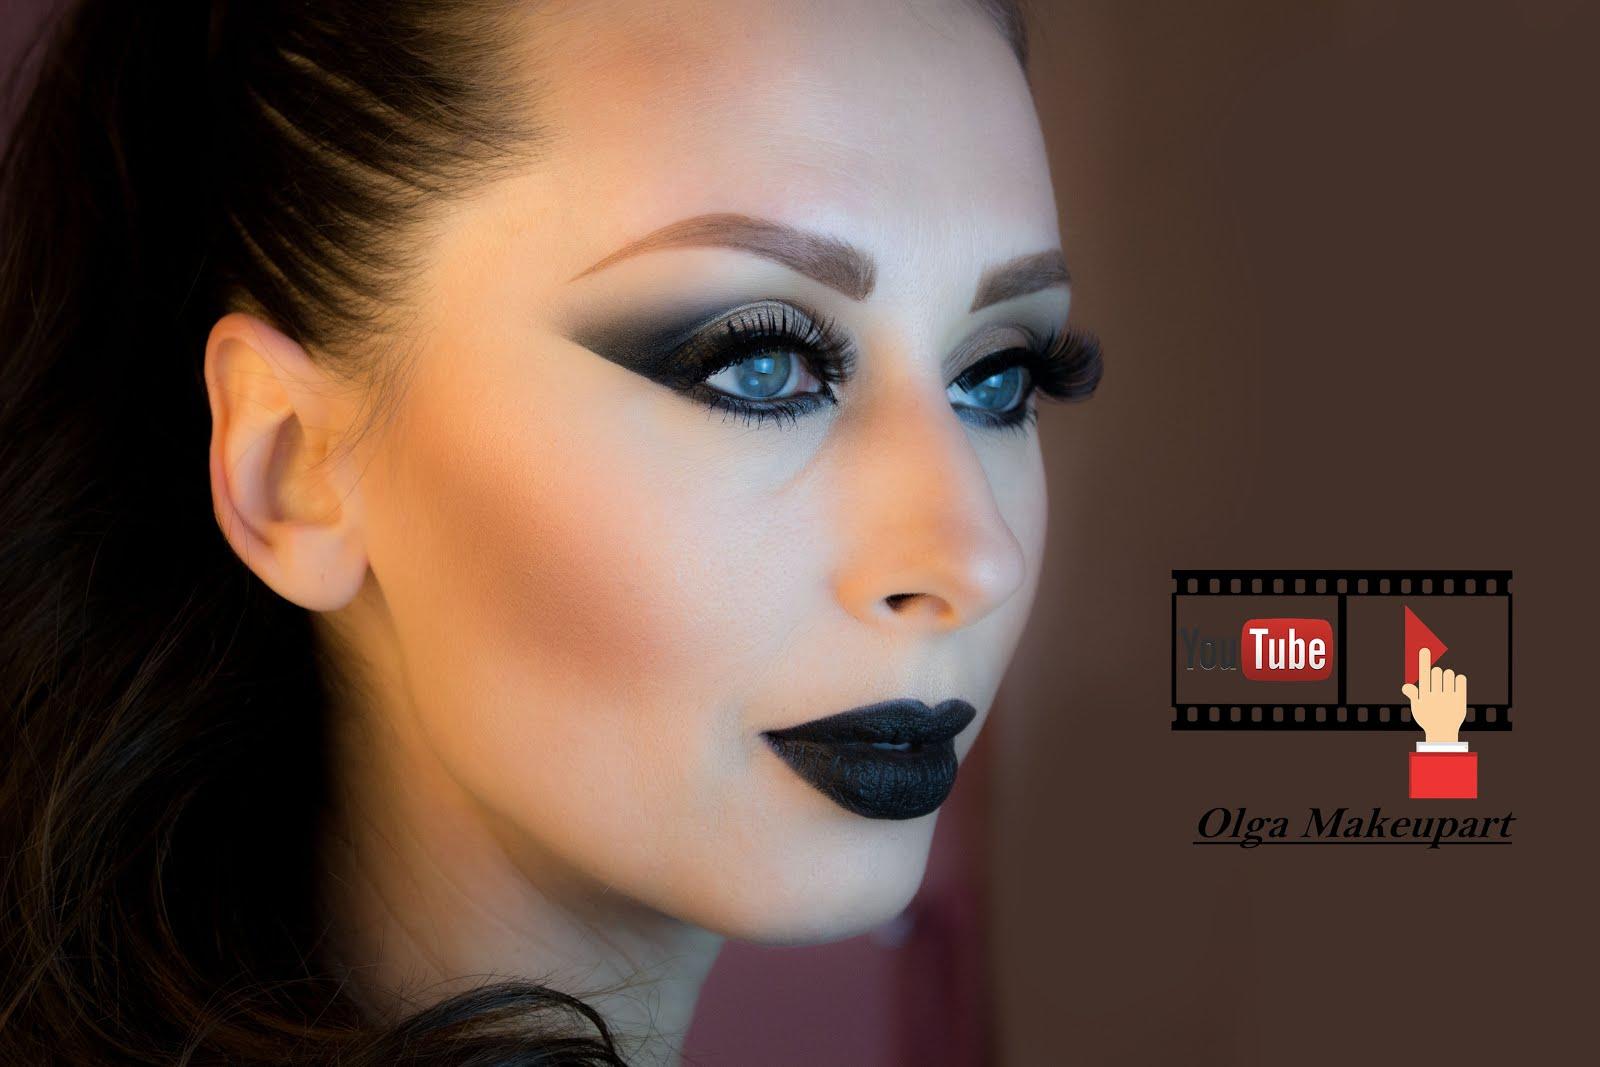 Vi aspetto su mio canale YouTube